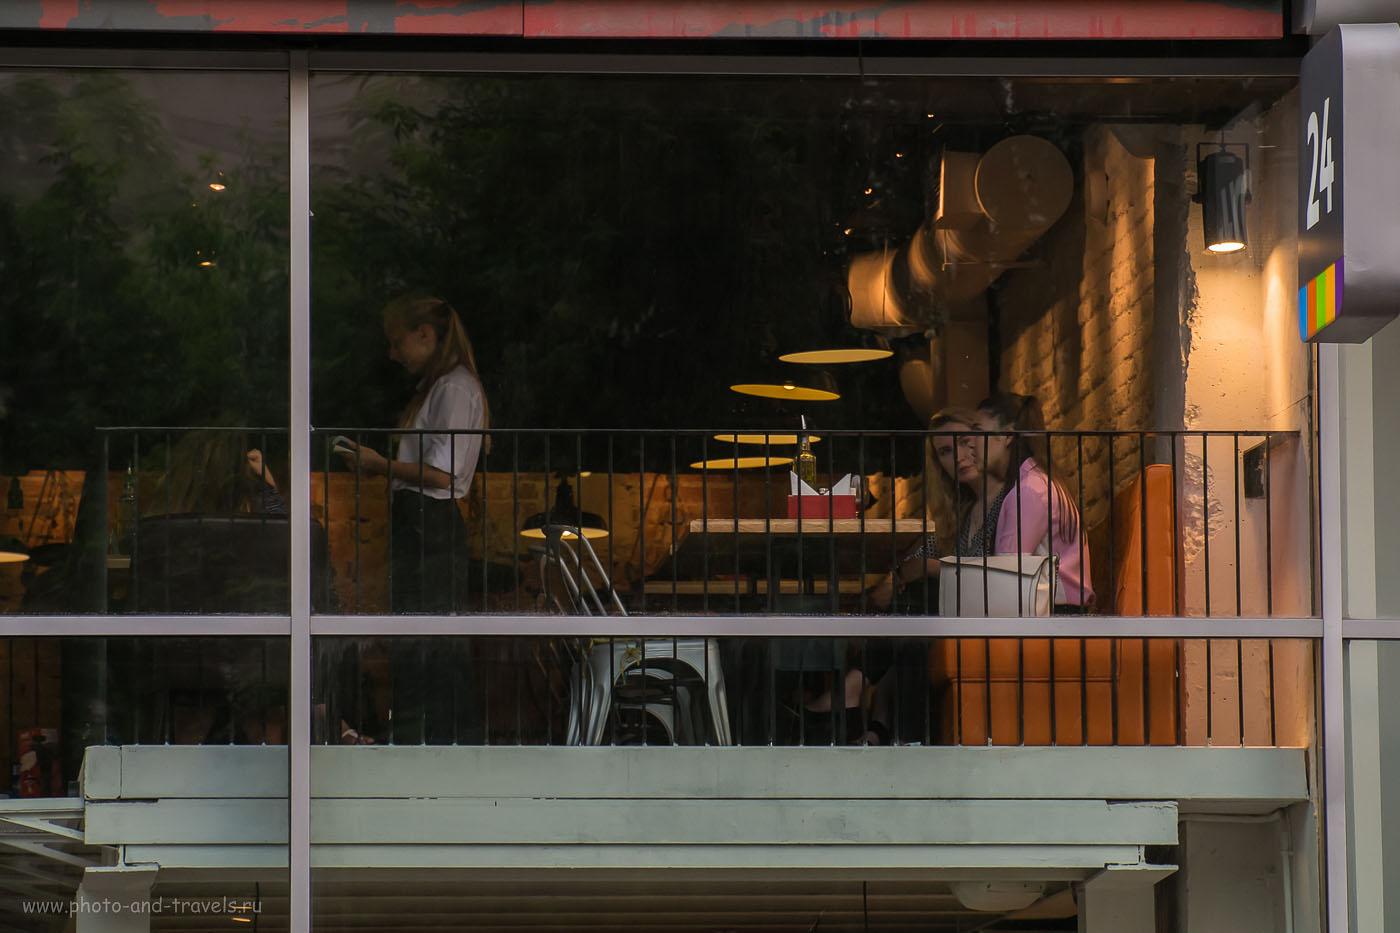 Фото 26. Вечер в кафе (640, 135.7, 6.0, 1/125). Съемка на беззеркальный фотоаппарат Фуджифильм Х-М1.